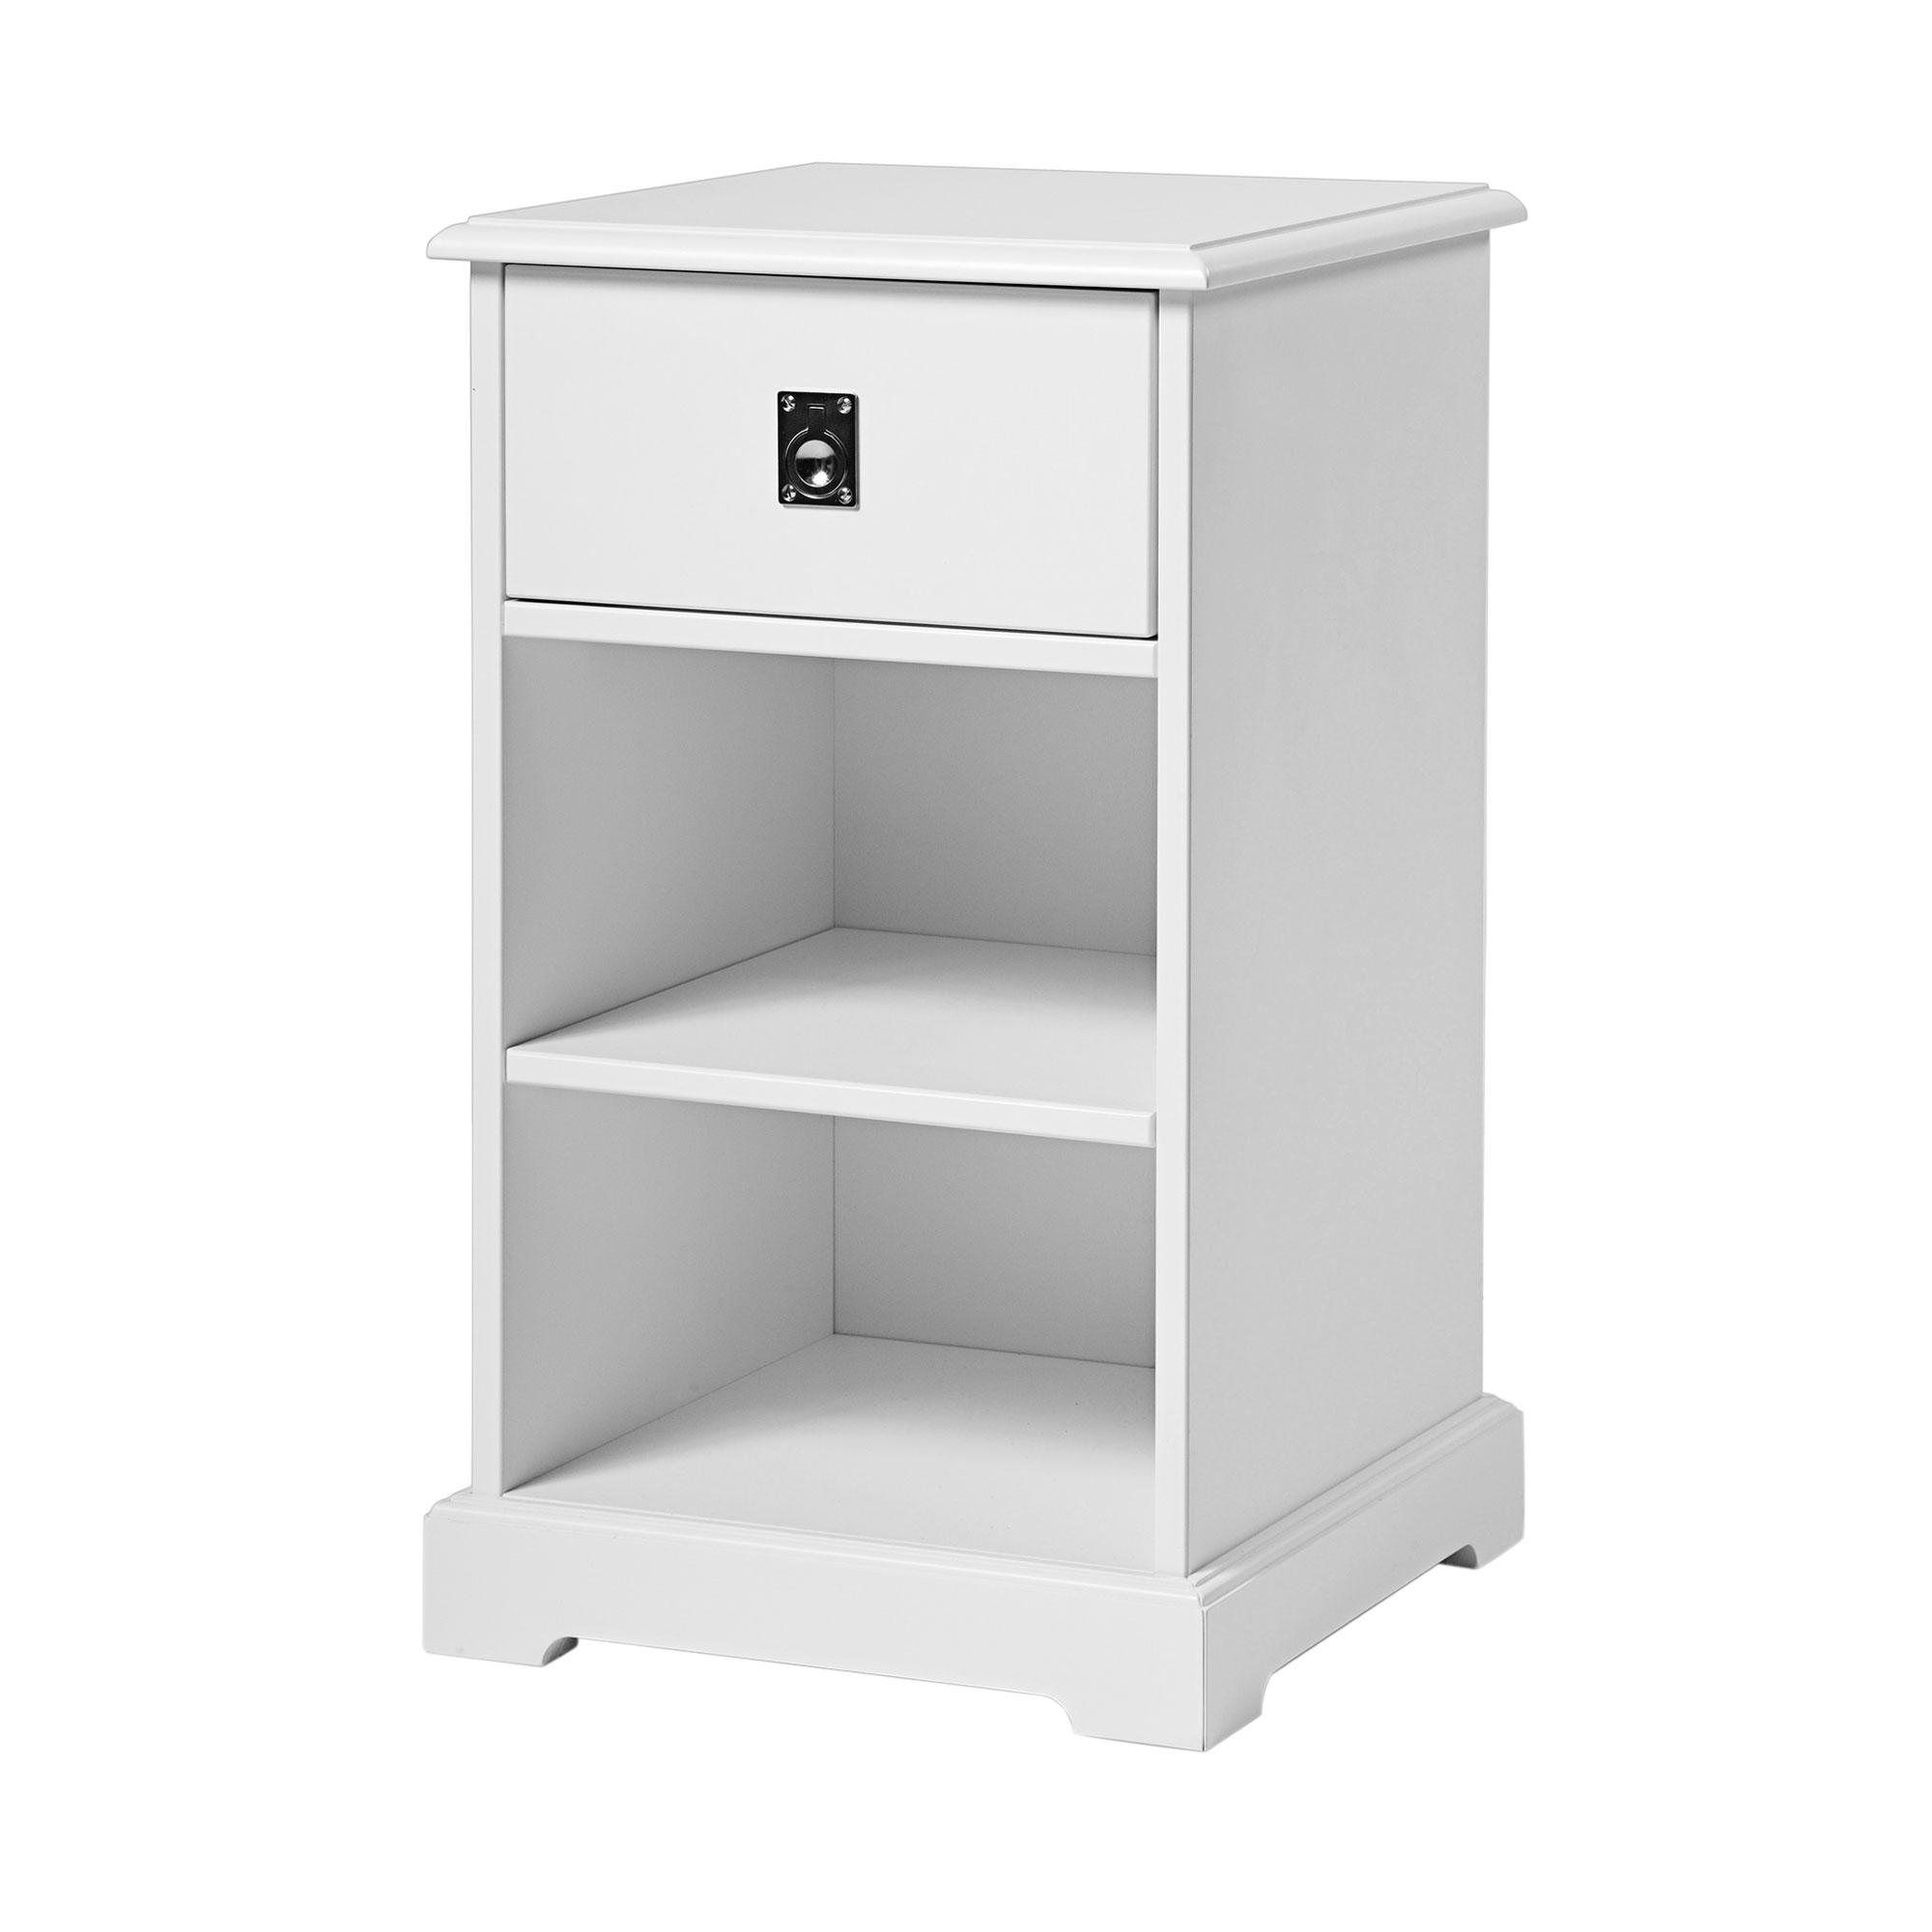 Mavis sängbord du kan köpa online | Mobel.se